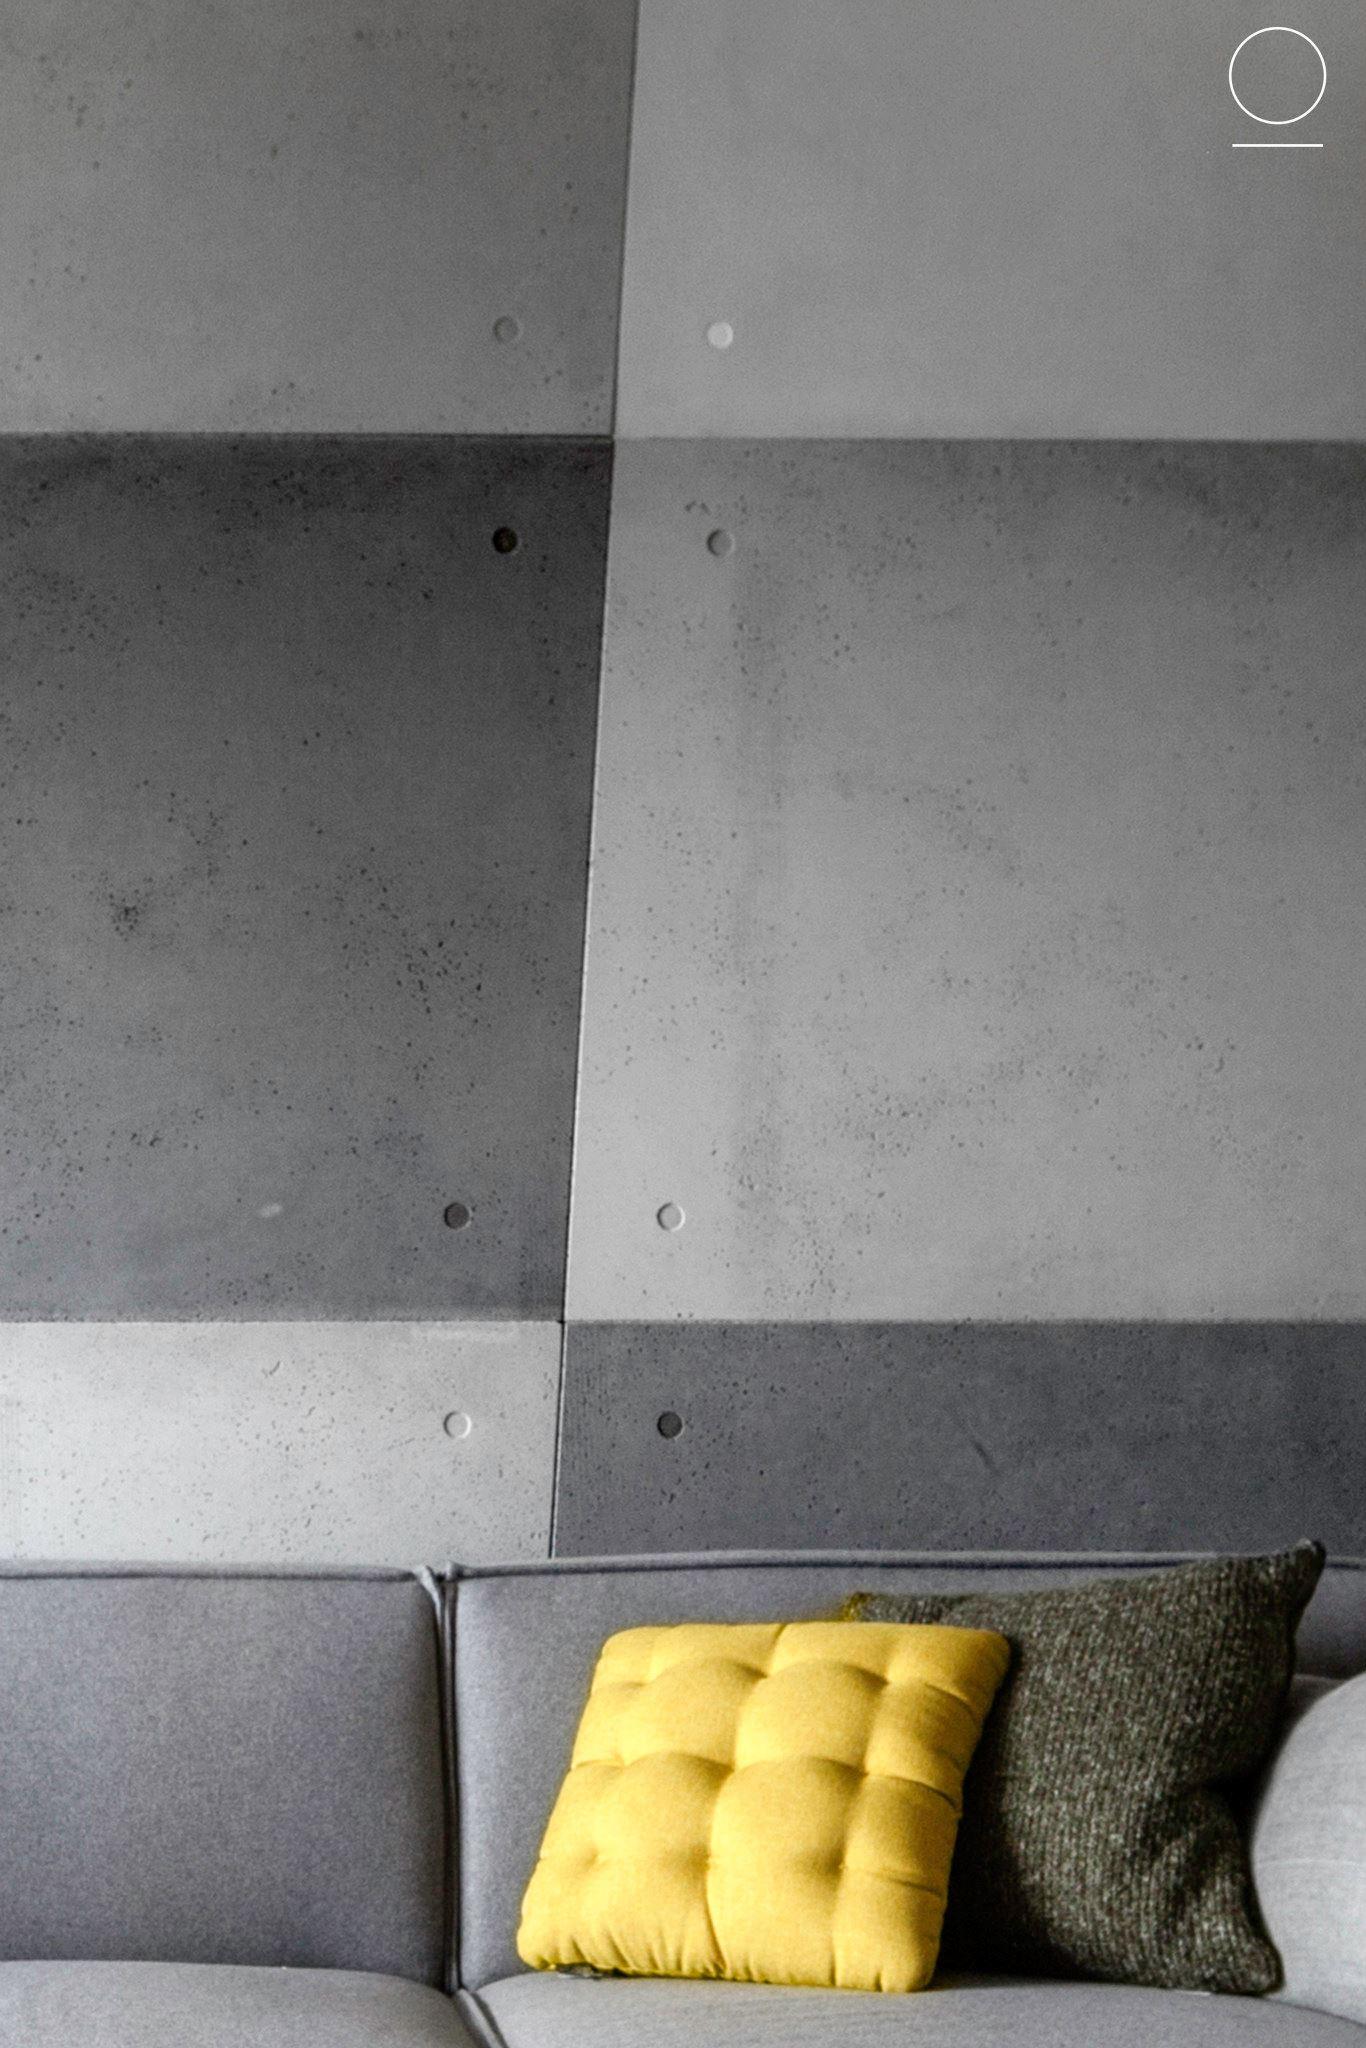 oikoi modern apartment7 Pokorna Apartments by Oikoi Studio